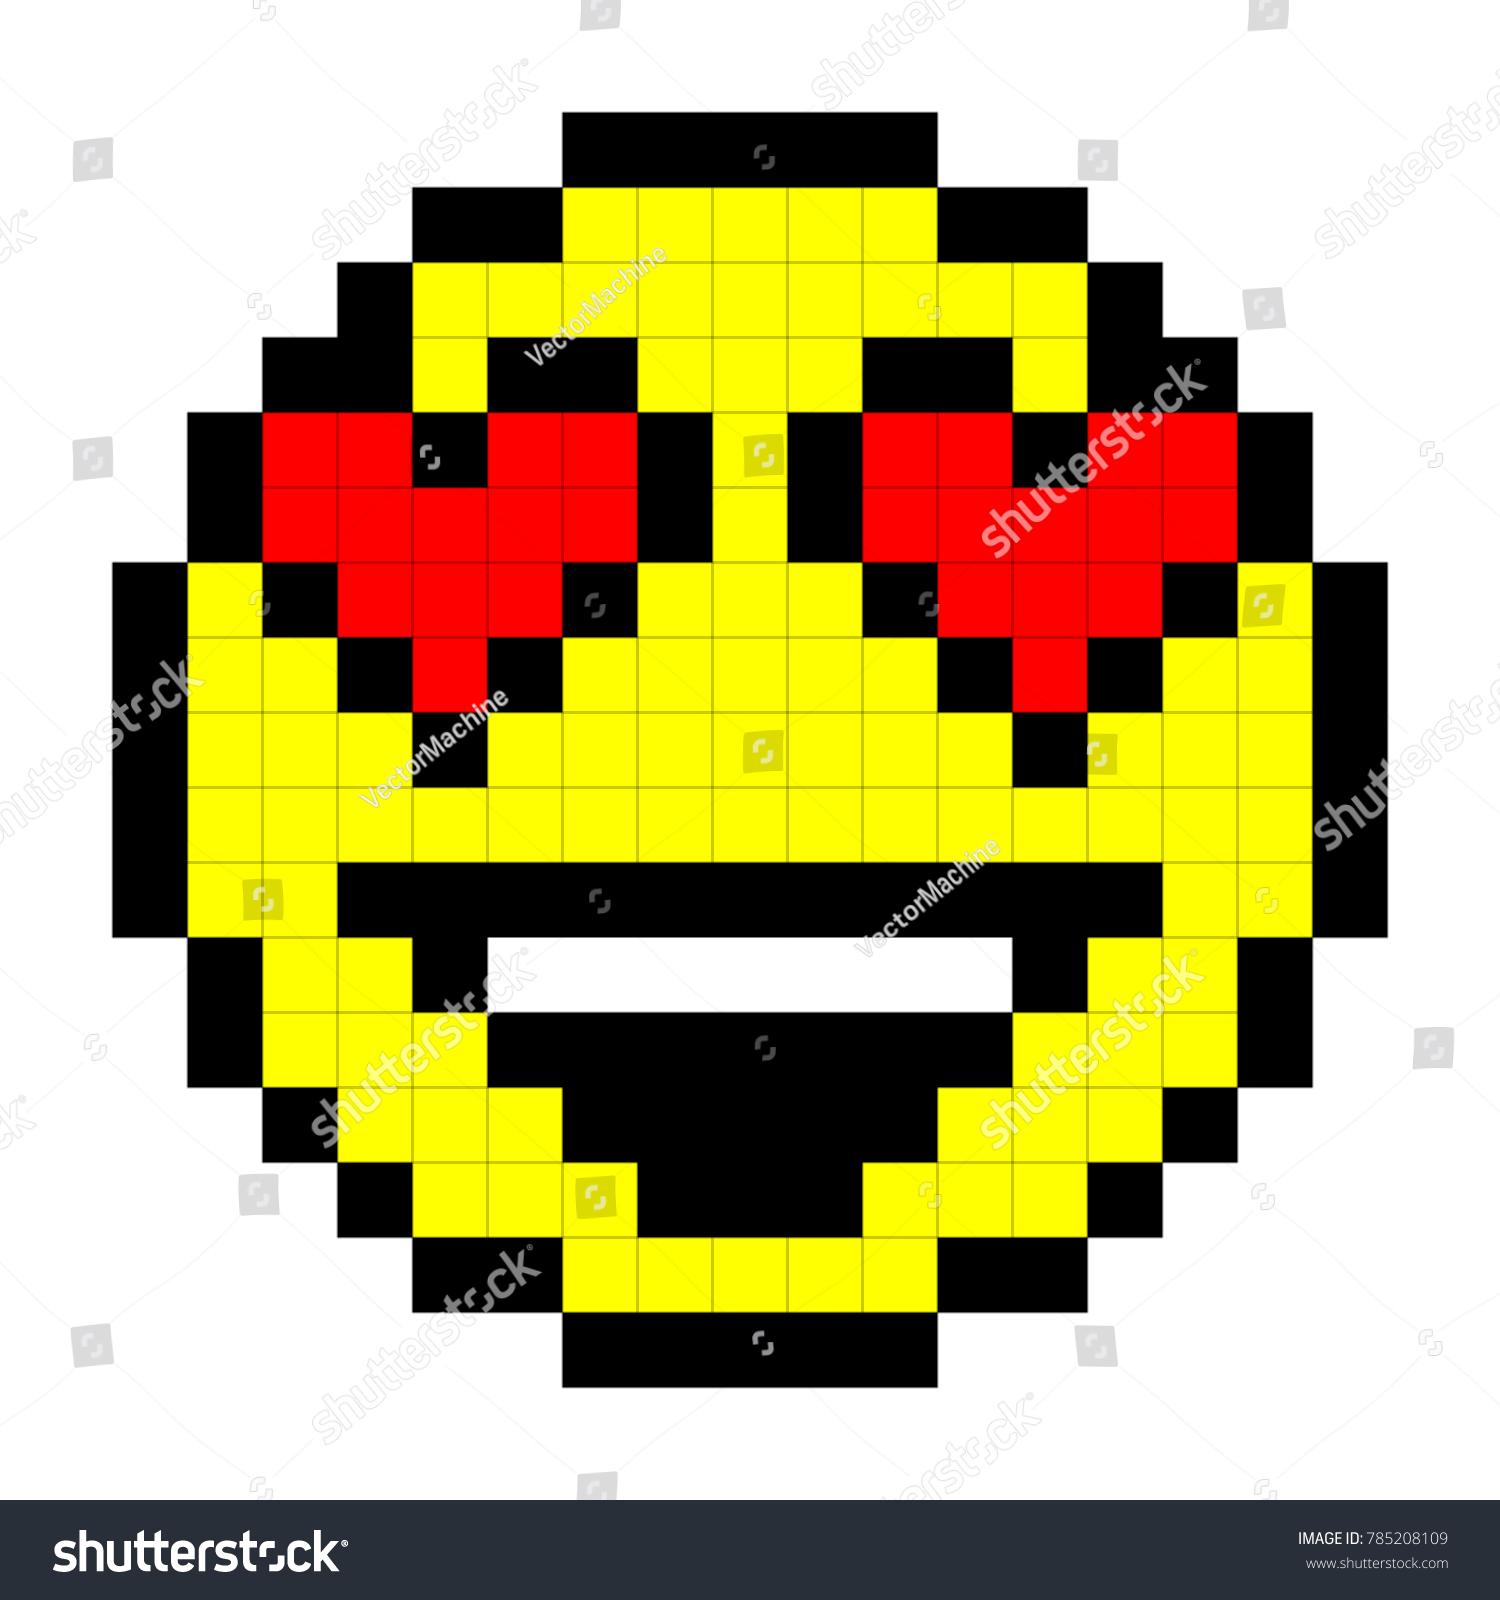 Image Vectorielle De Stock De Smiley Pixel Art Style On